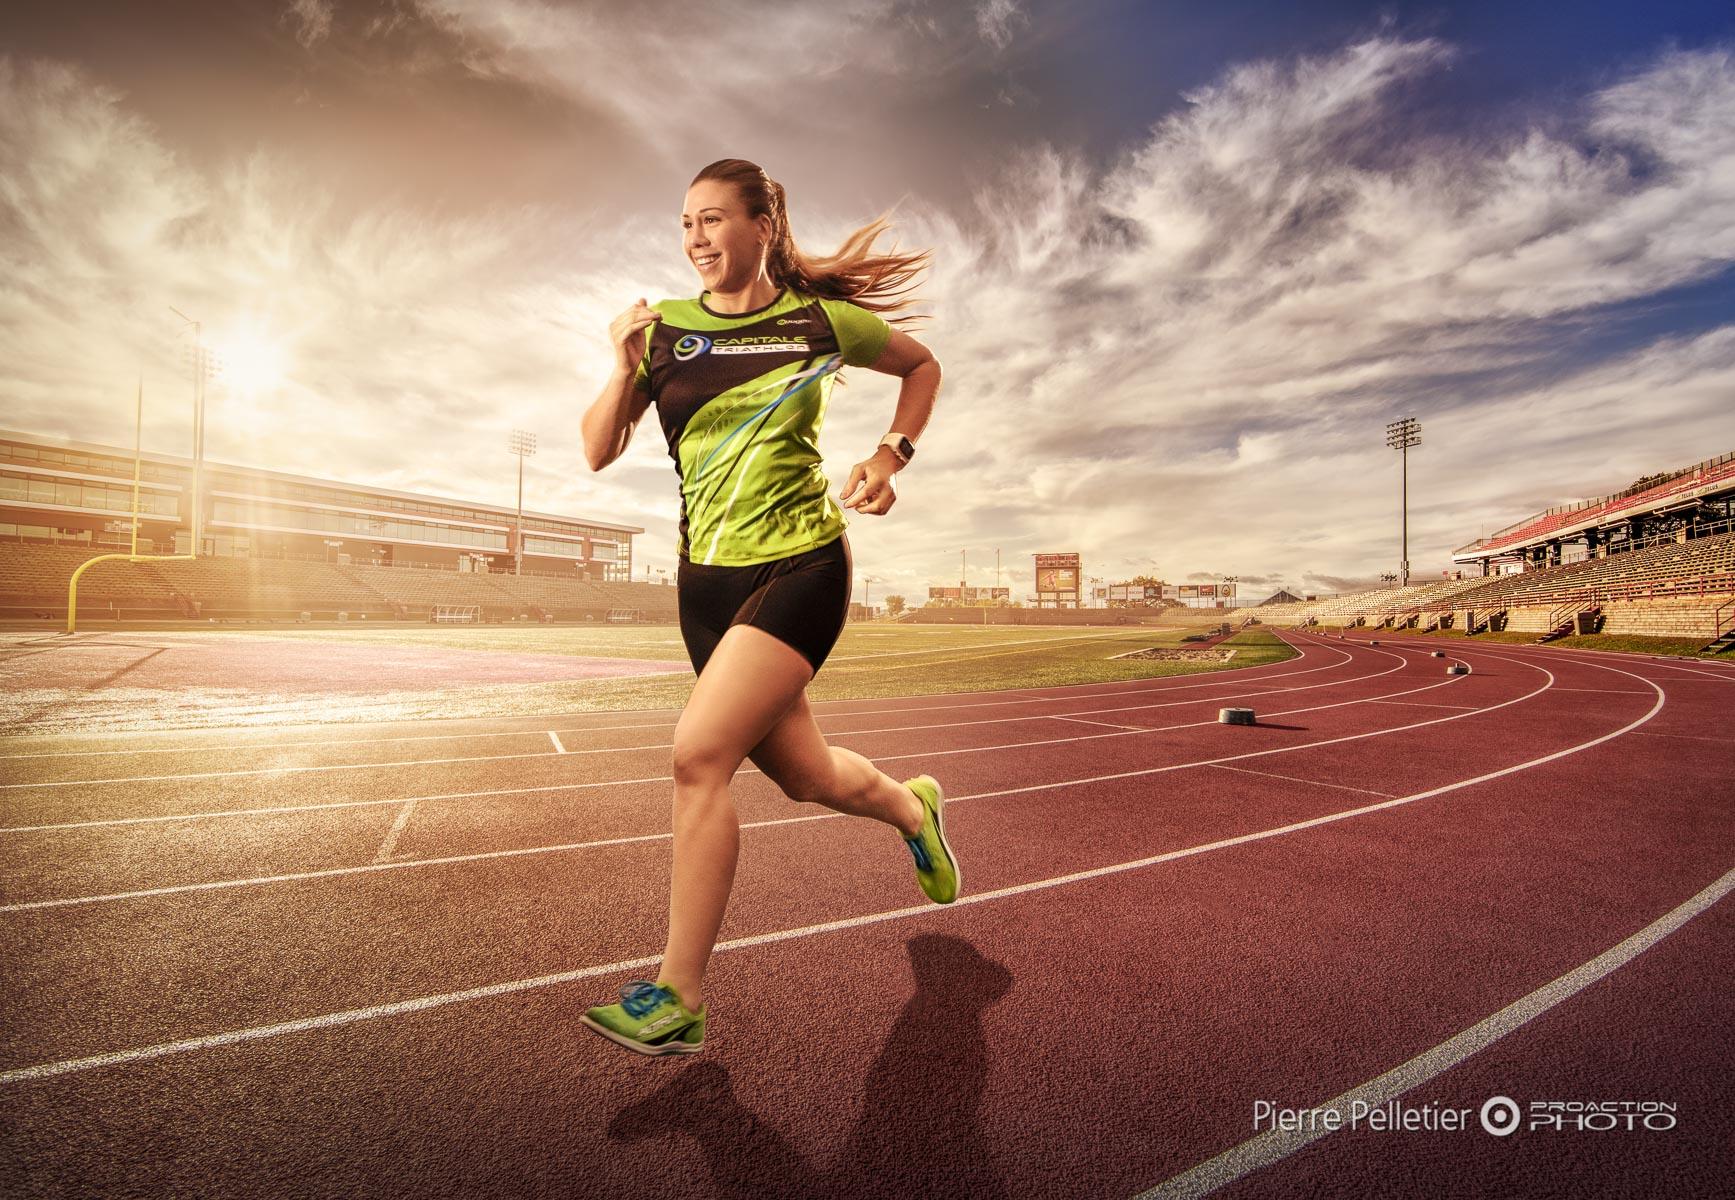 Pierre Pelletier photographe quebec sport course a pieds 00197 Accueil